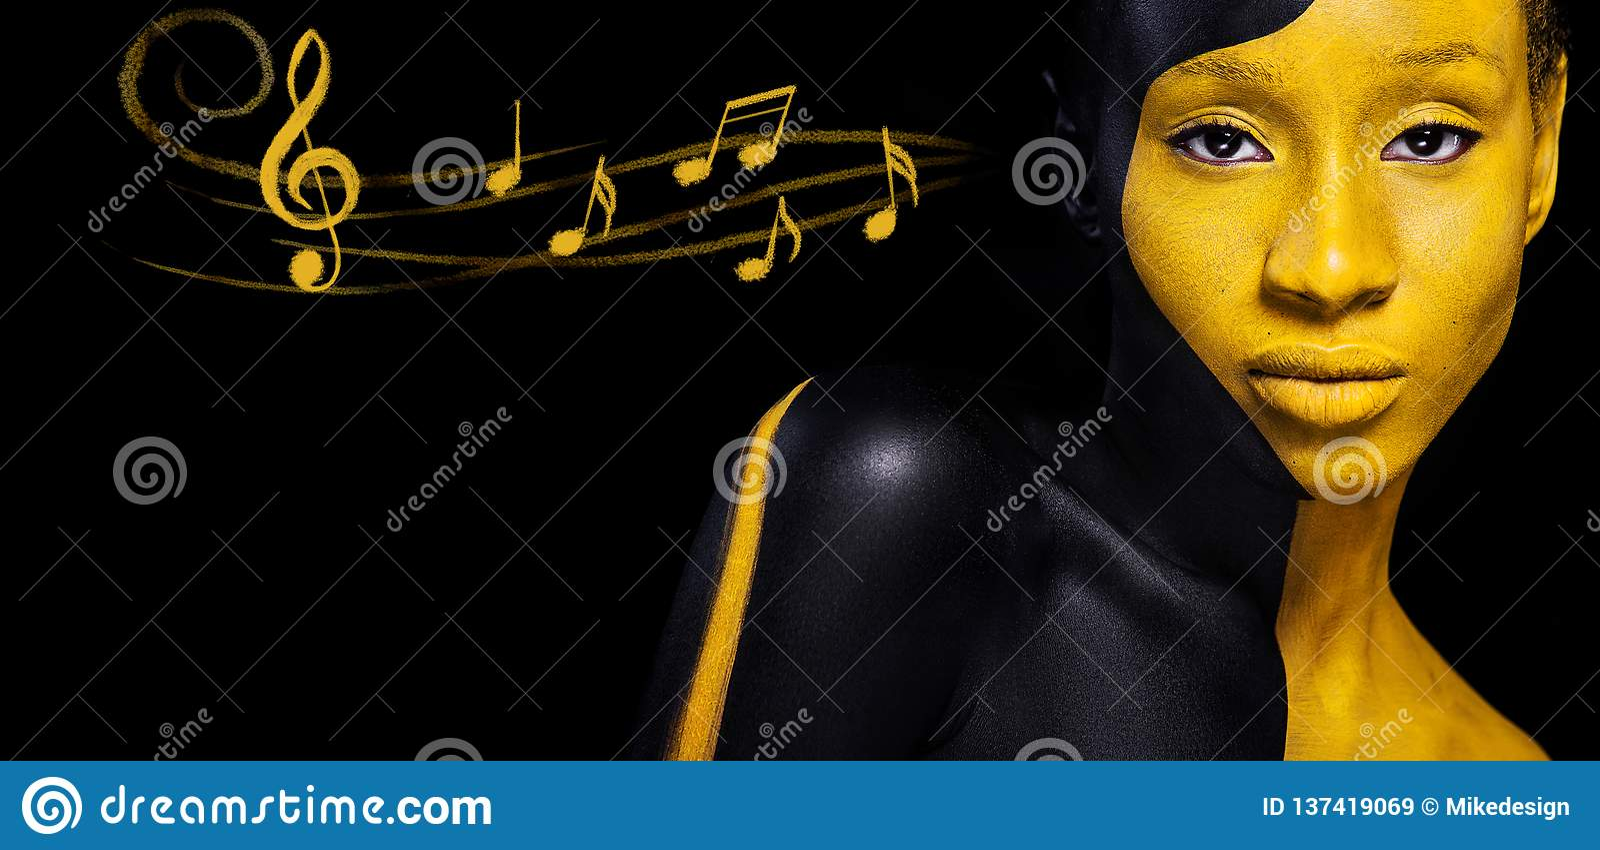 Svart och gul makeup Gladlynt ung afrikansk kvinna med konstmodemakeup och anmärkningar Färgrik målarfärg på kropp